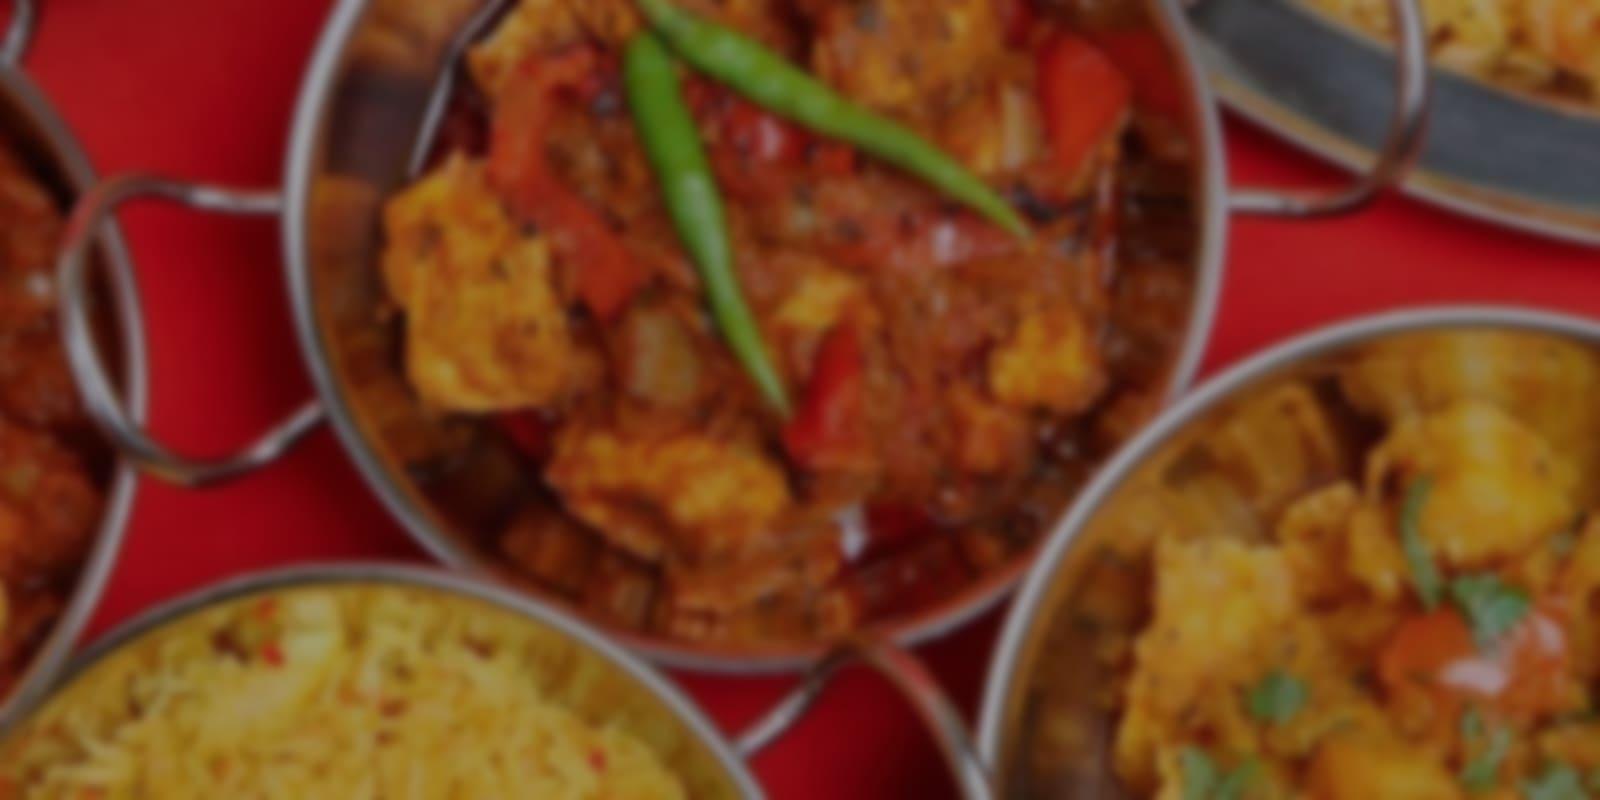 Favorite Indian Restaurant Pleasanton Ca Delivery